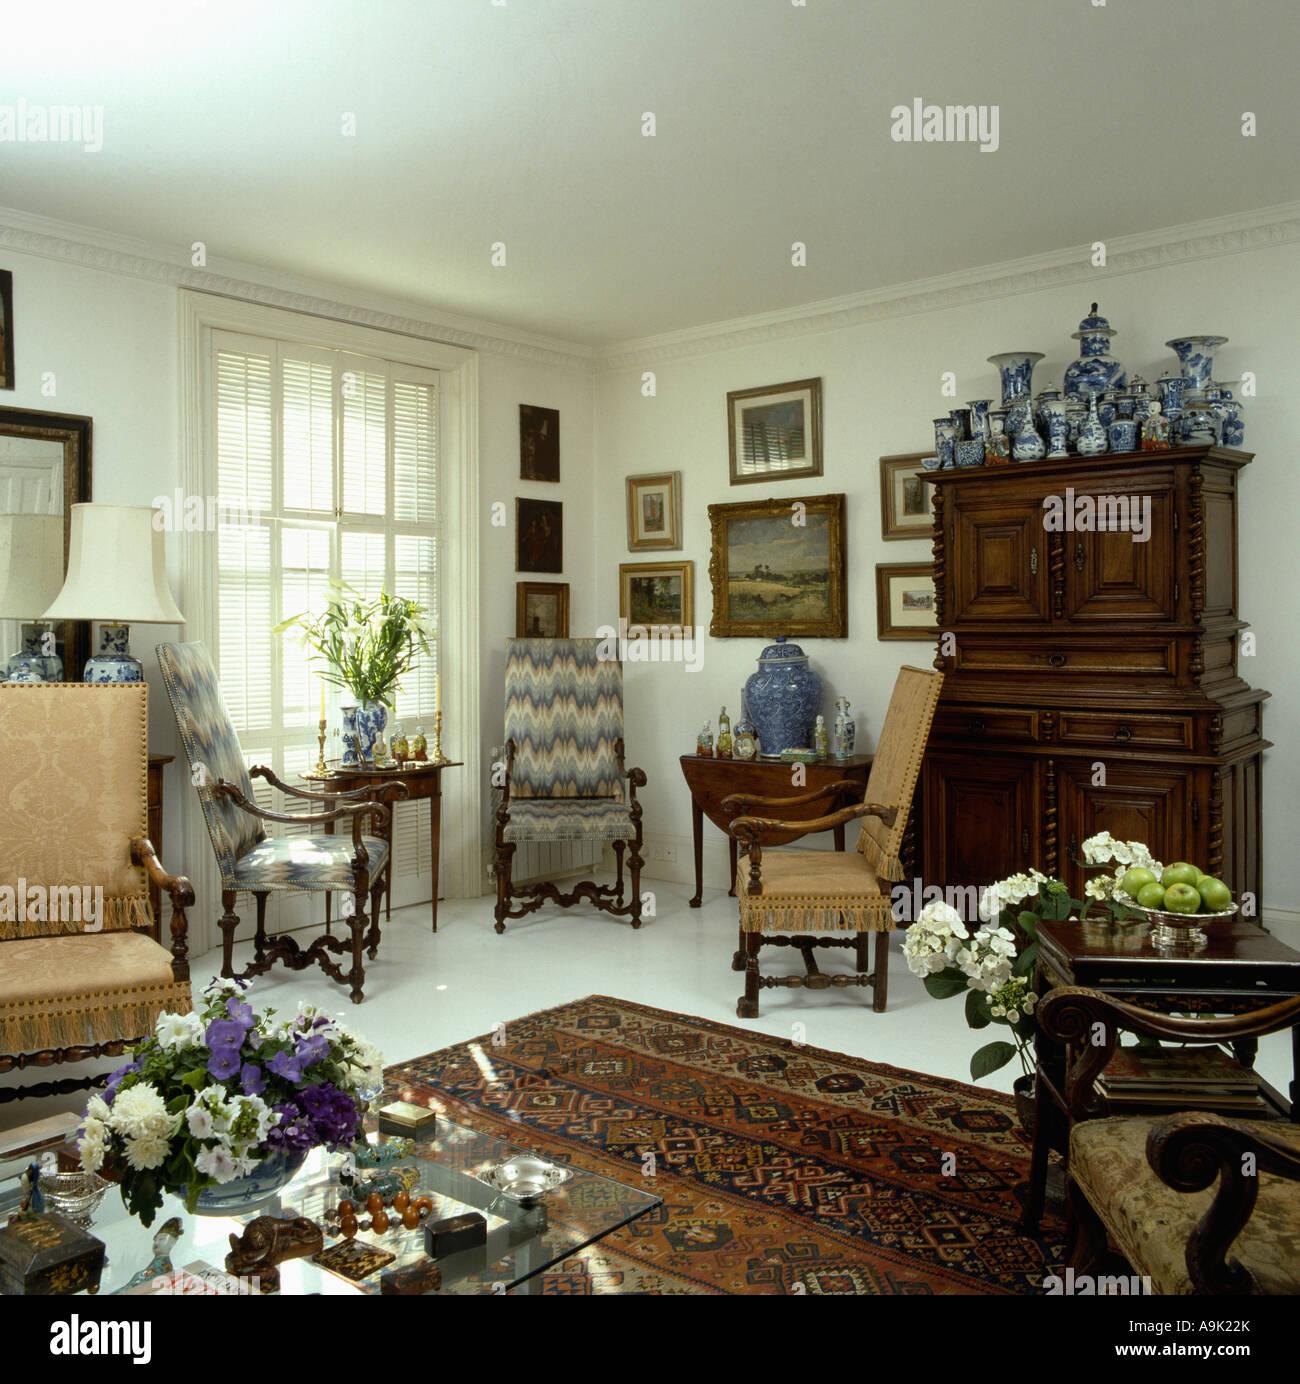 Vases chinois bleu et blanc sur chêne antique armoire dans salon ...